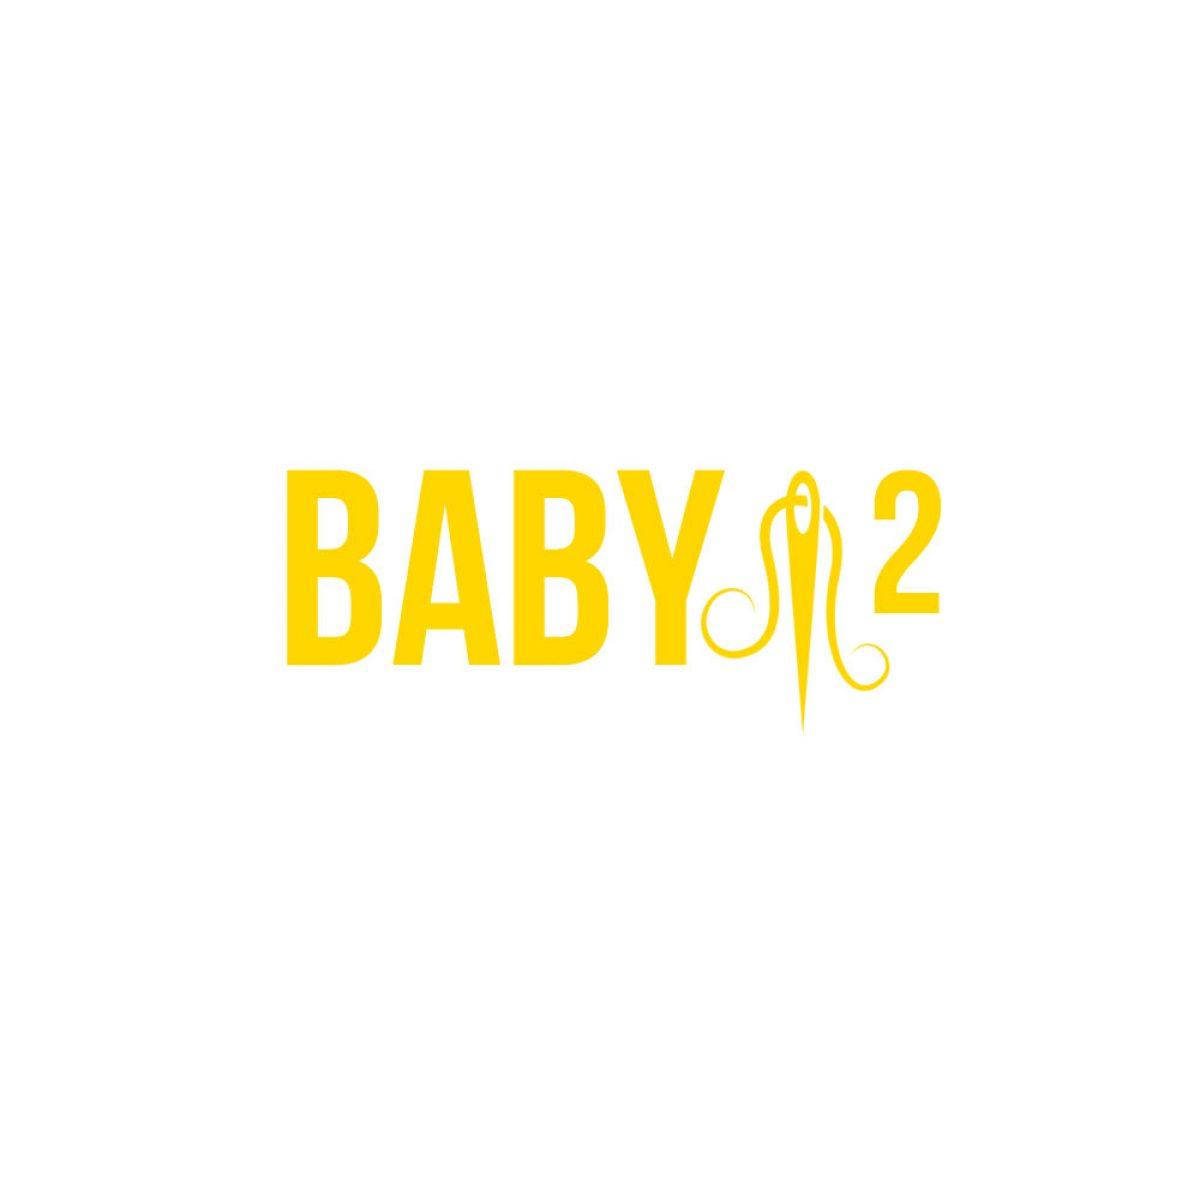 BABY2 Brand